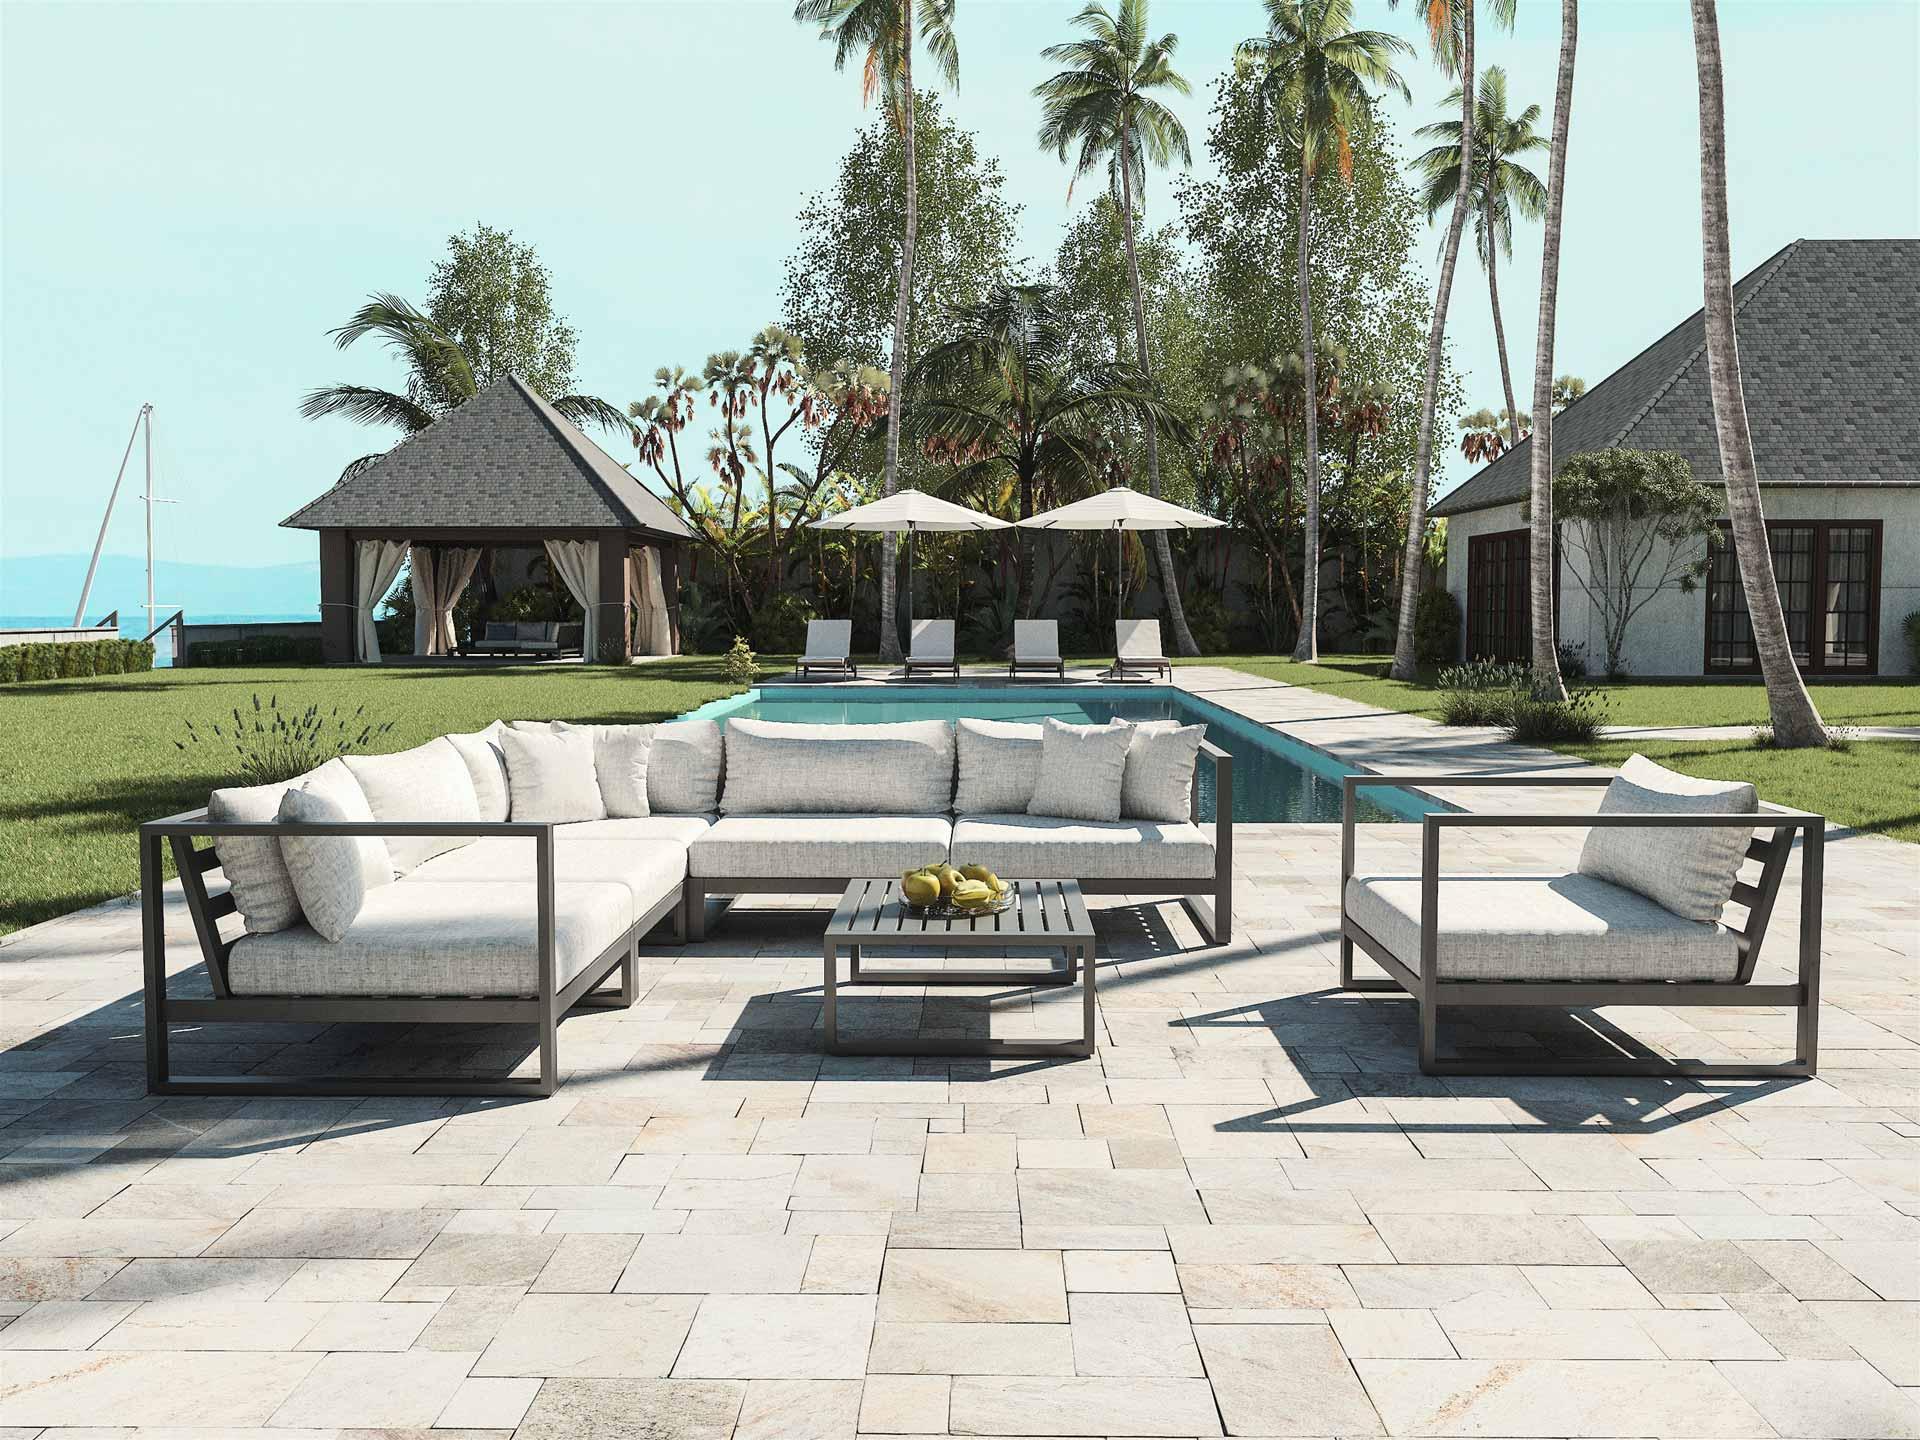 matteo_big Frais De Salon De Jardin Composite Conception